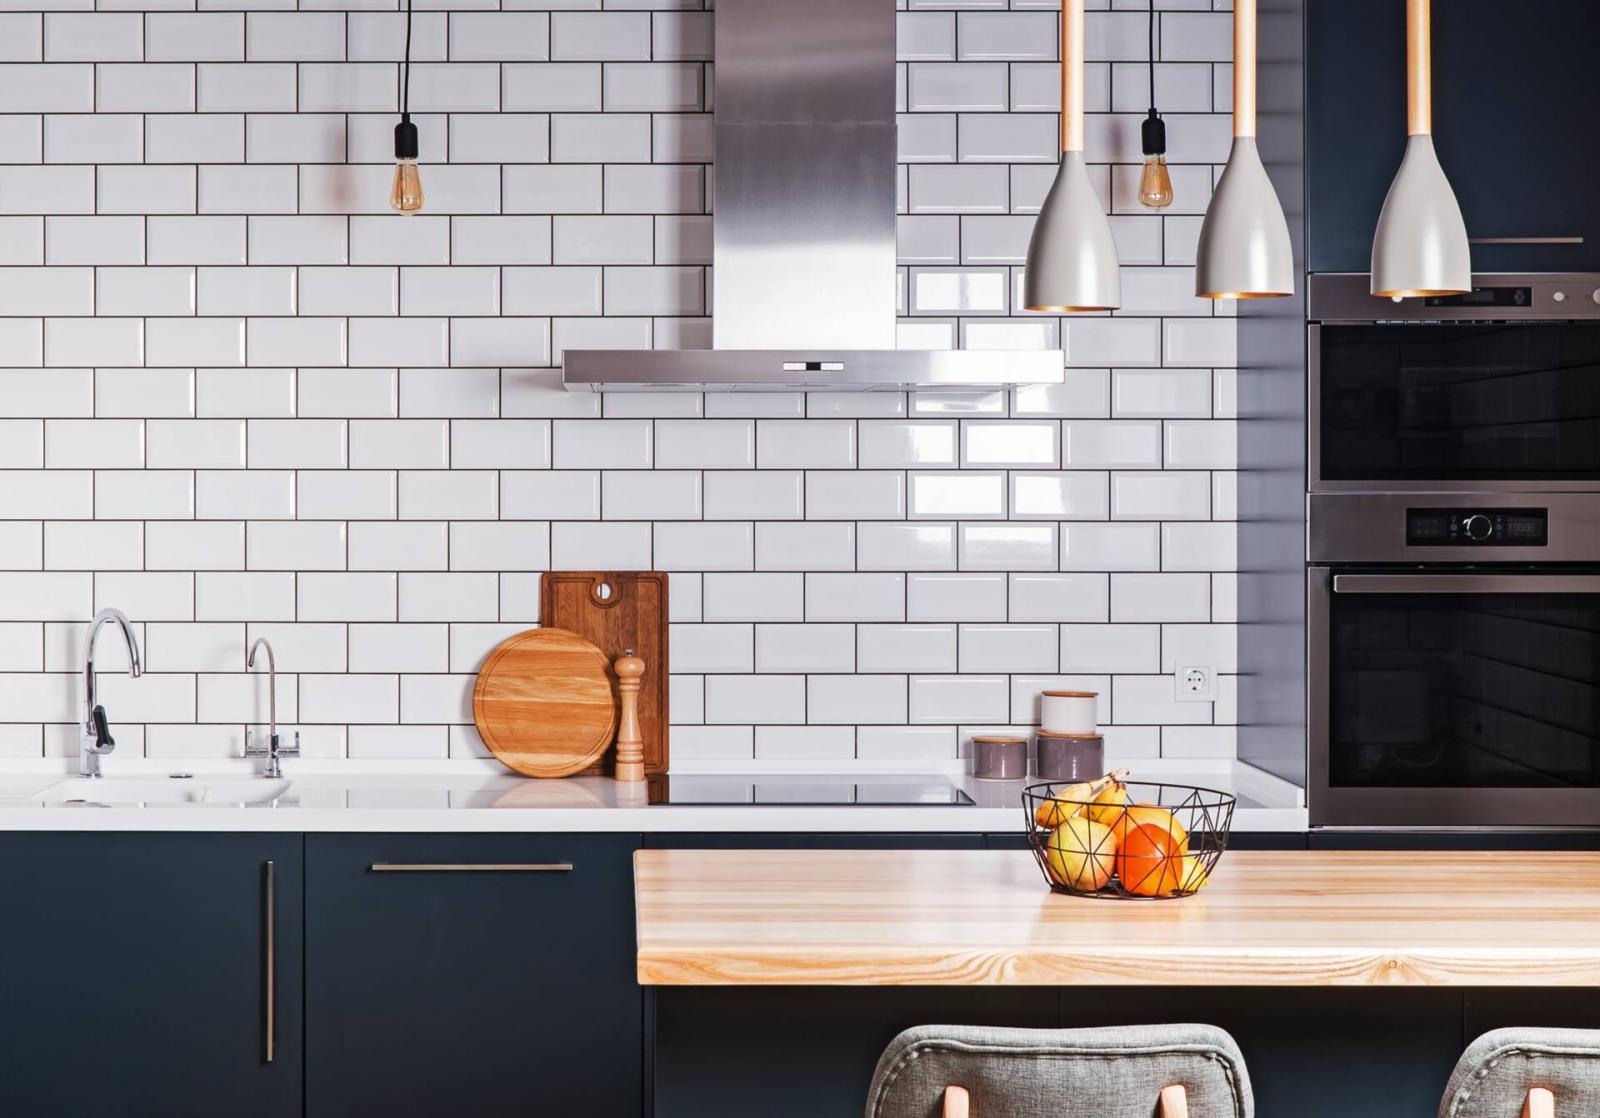 Góc phòng bếp có tường ốp gạch thẻ kiểu so le